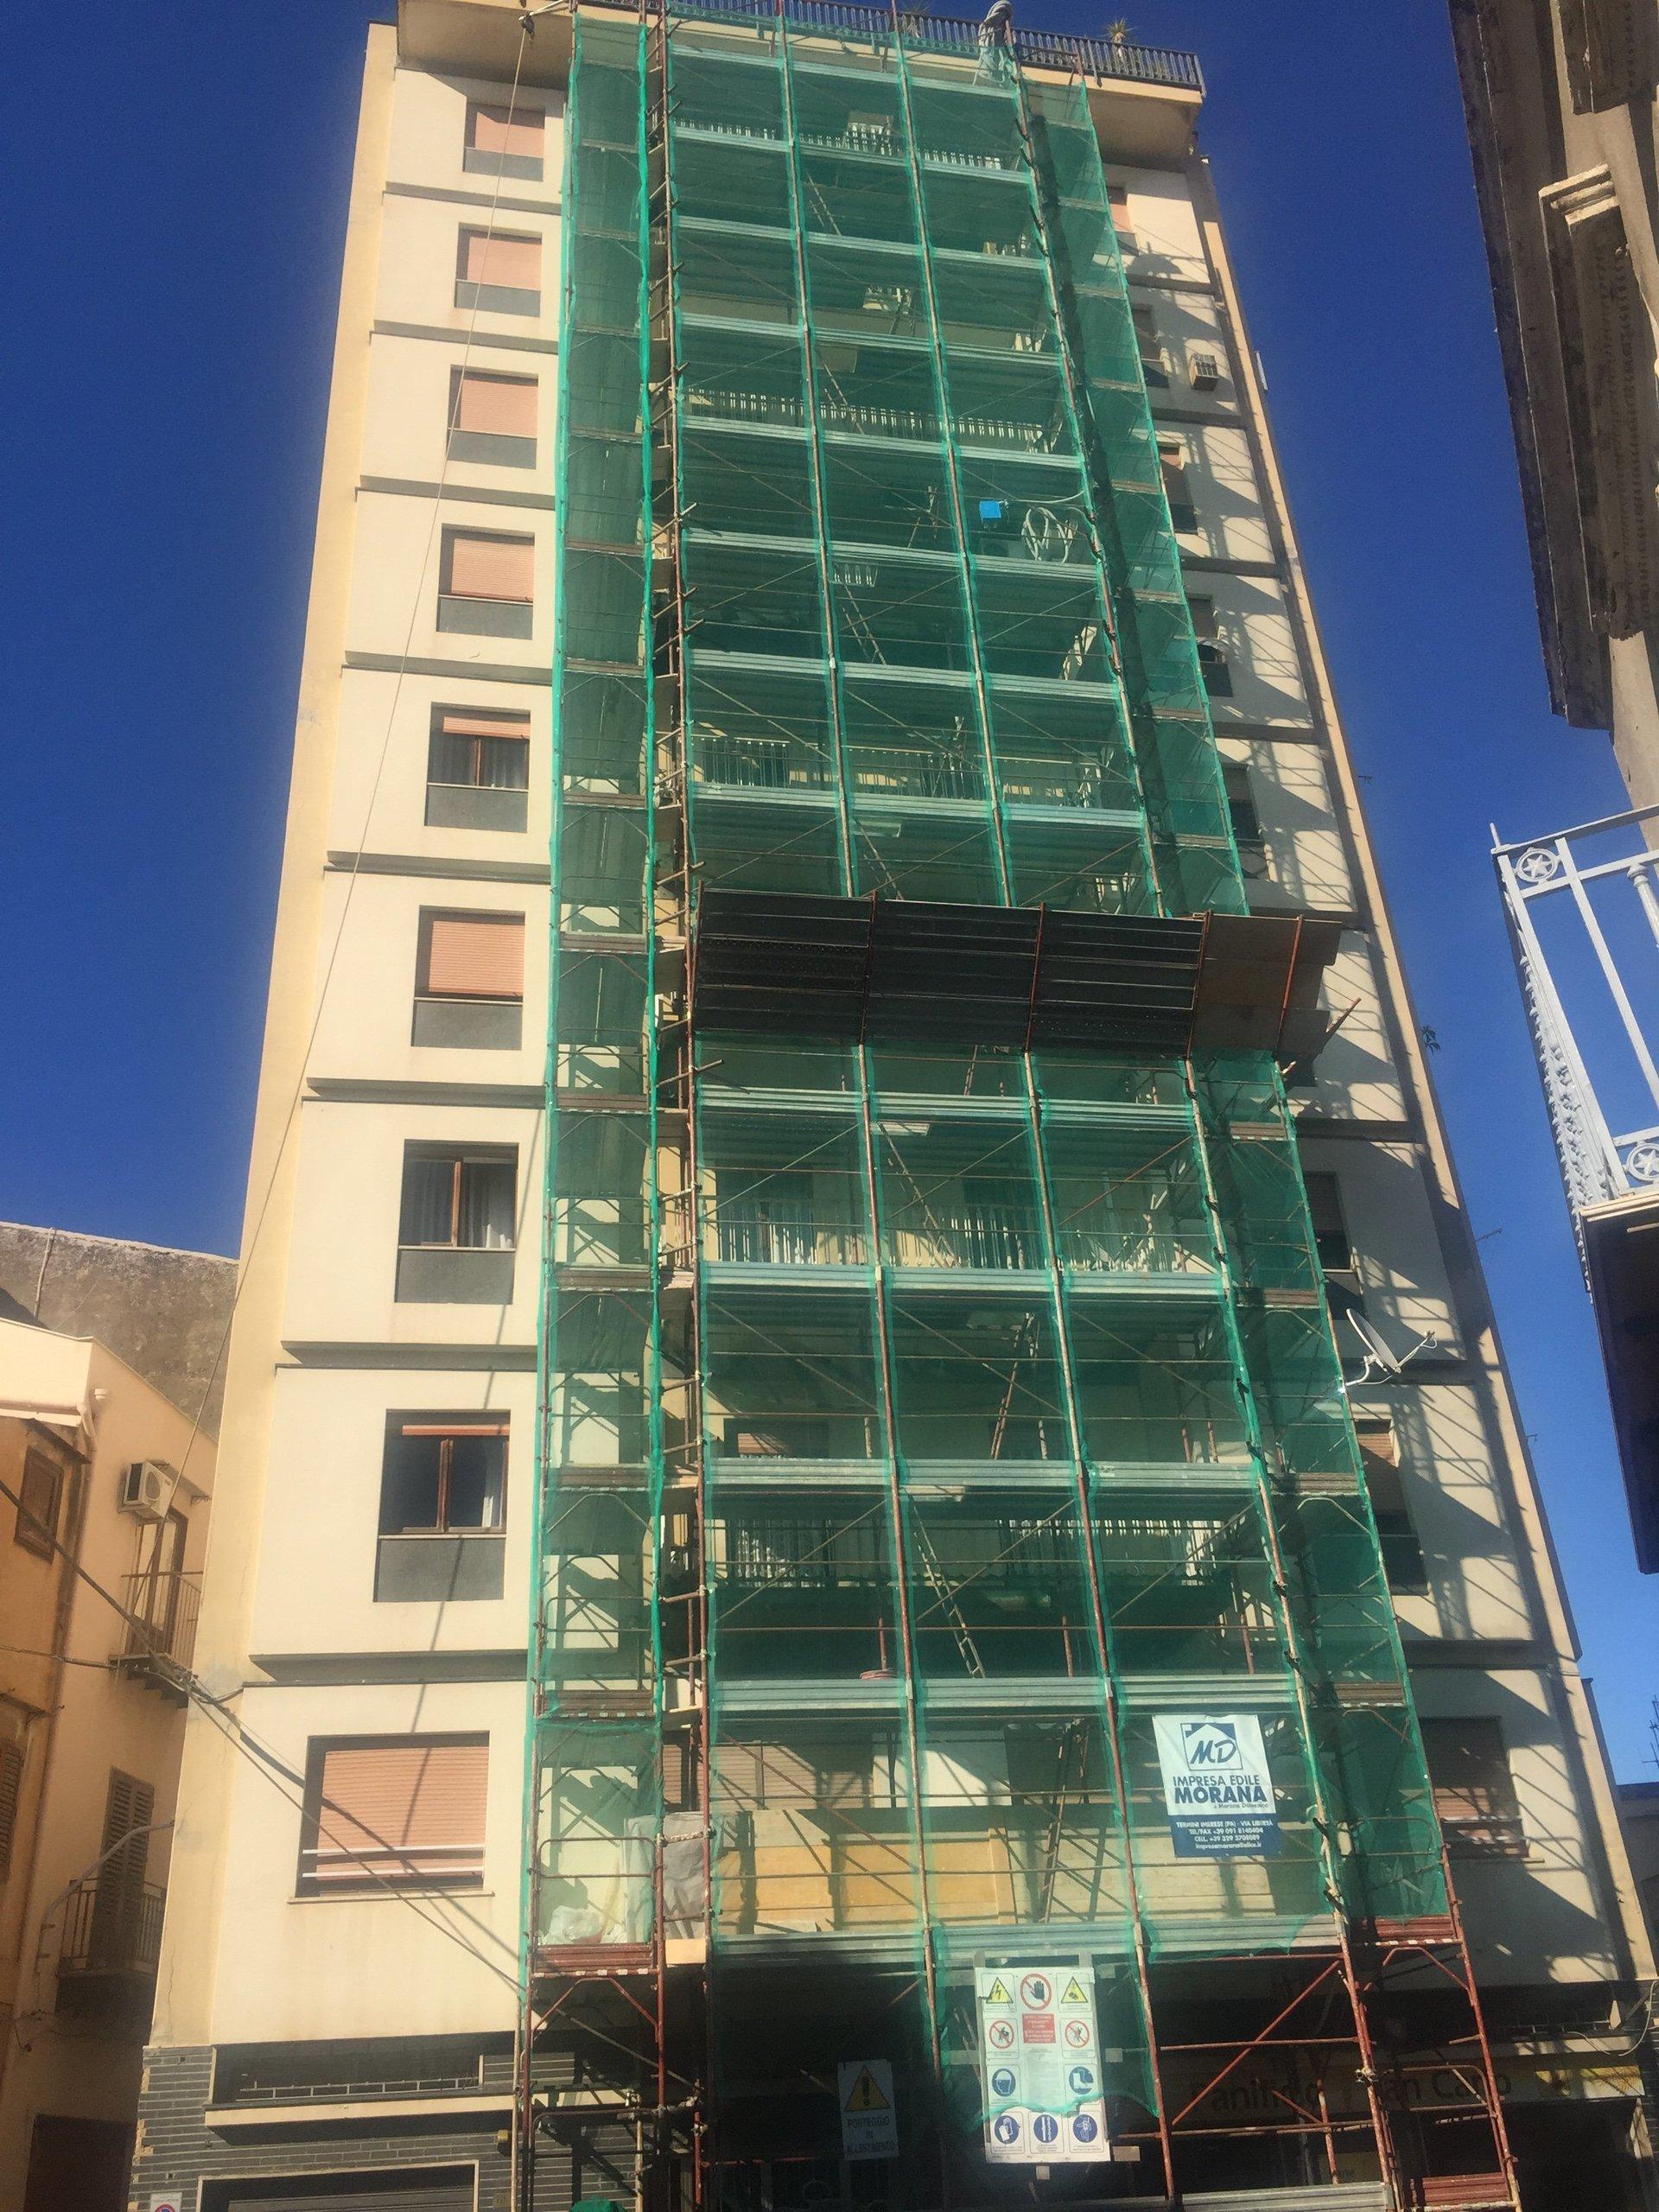 Un palazzo in costruzione con impalcature verdi